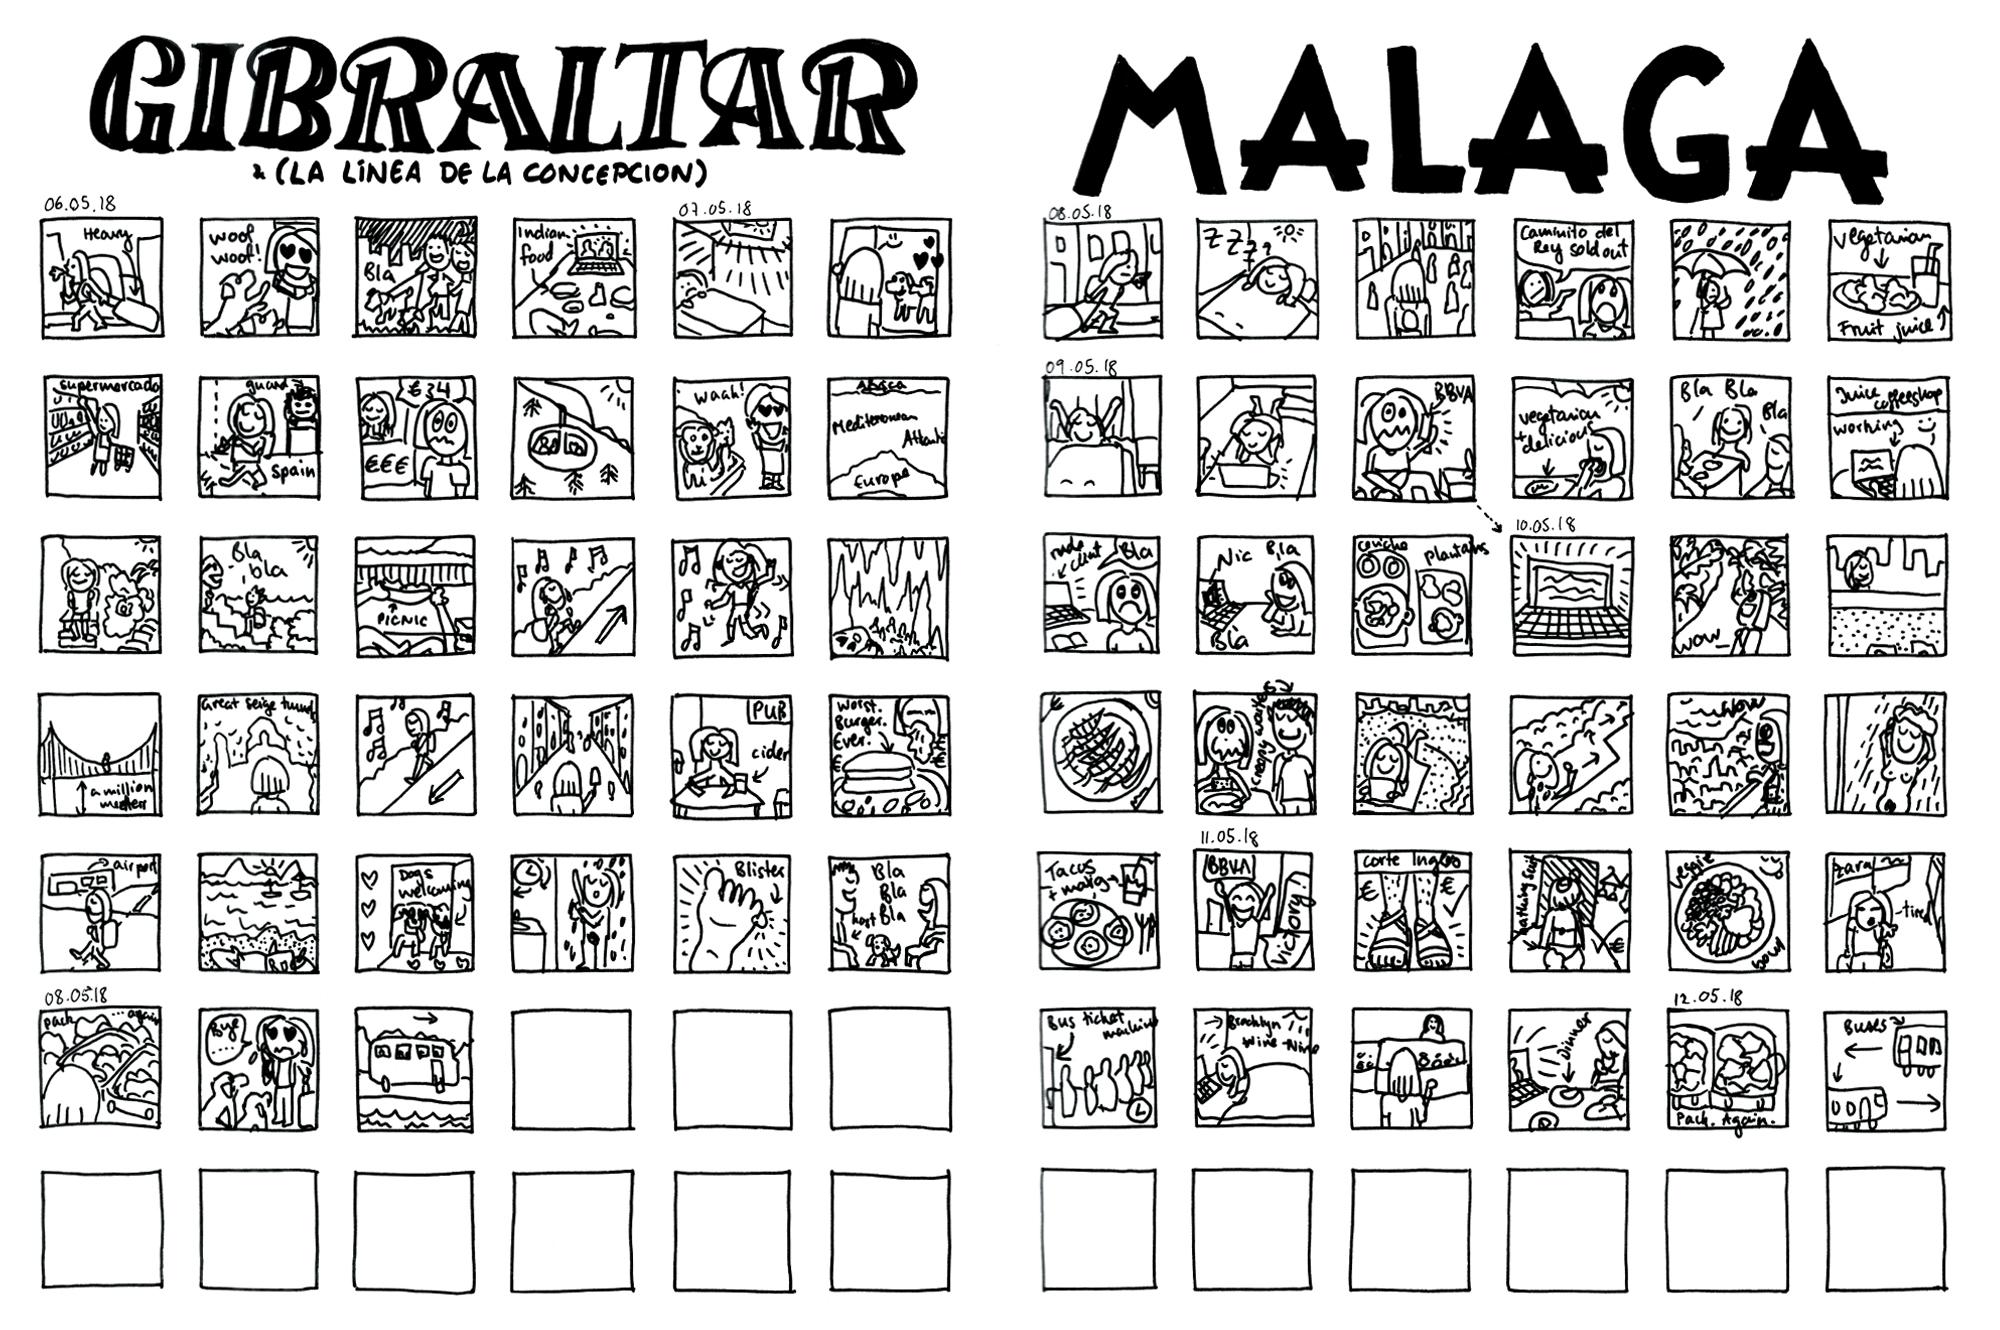 0518_gibraltar-malaga_72.jpg